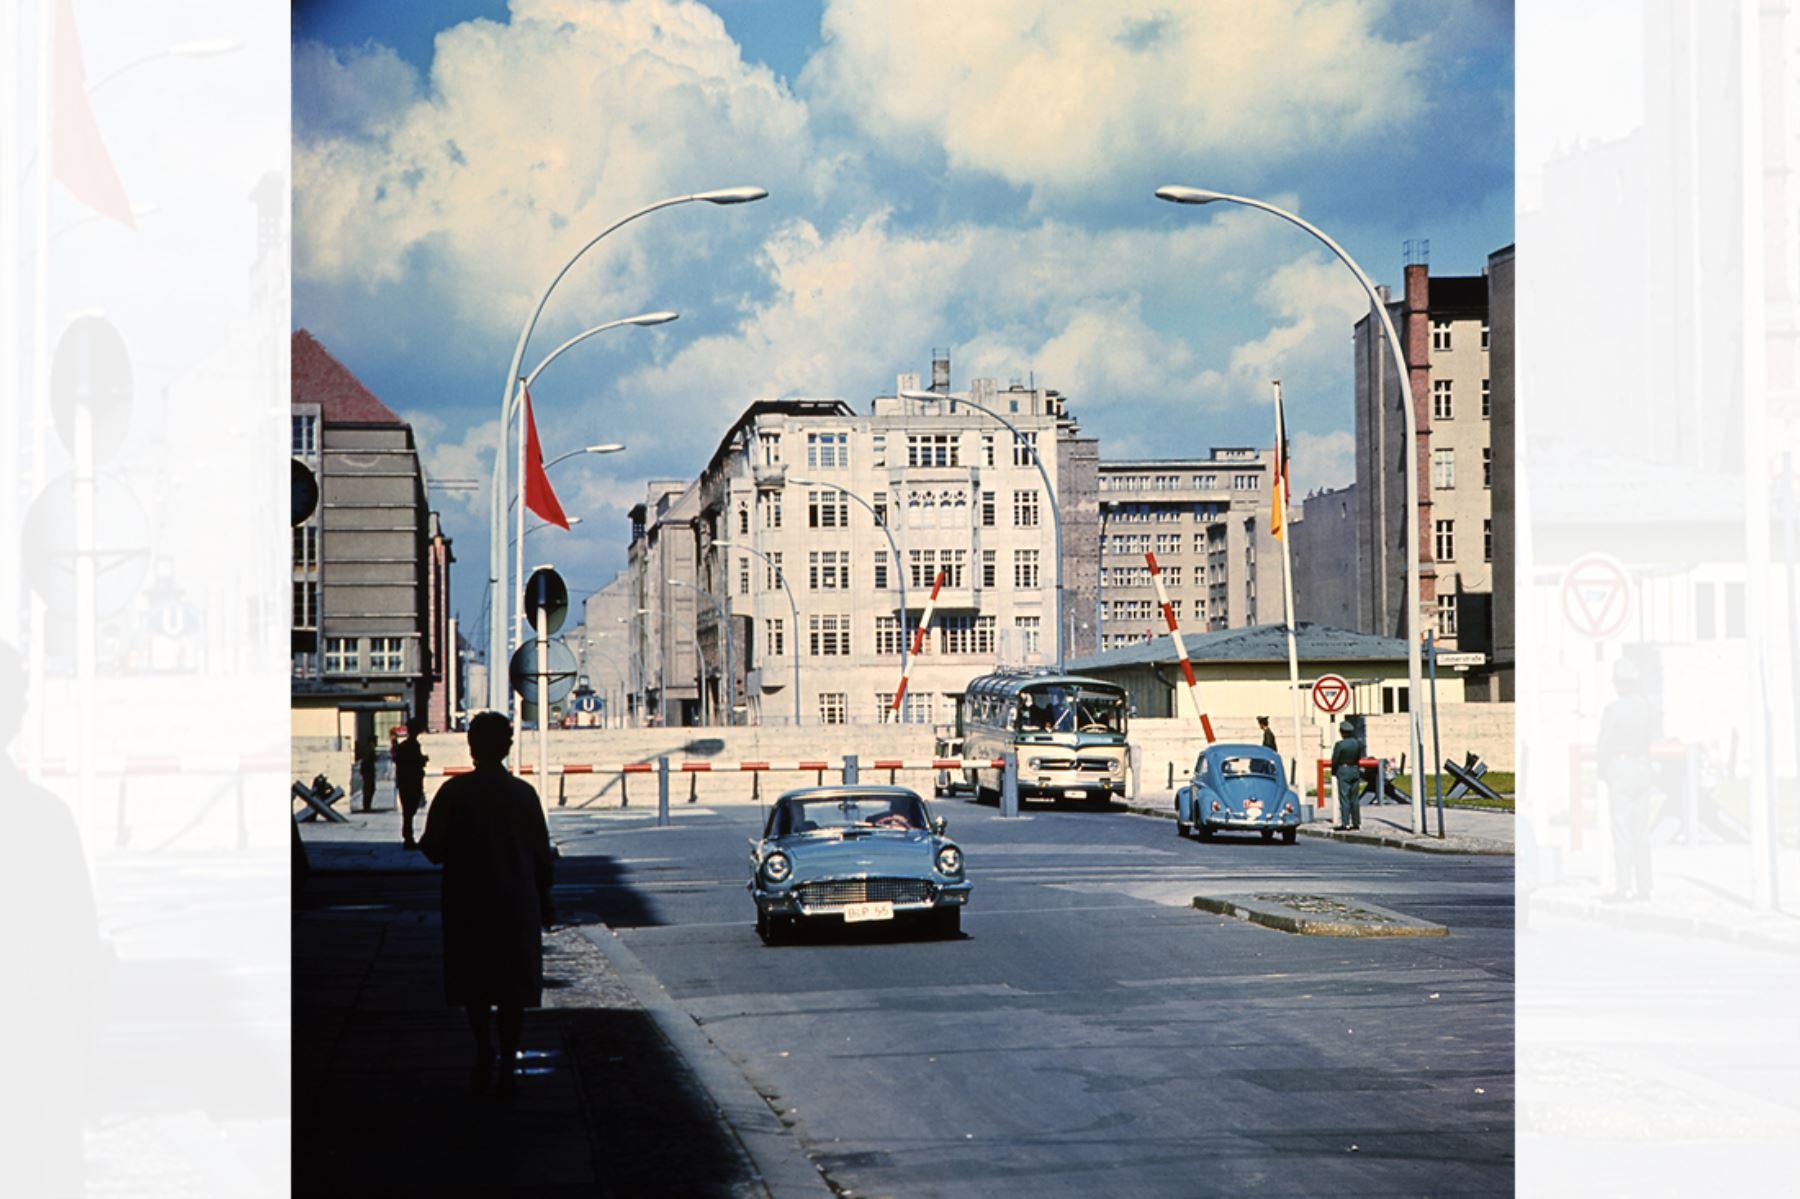 Imagen tomada en junio de 1968 del famoso punto de cruce de Checkpoint Charlie, que marca la frontera entre el este (sector soviético) y el oeste de Berlín. El muro  fue construido por el gobierno de Alemania del Este para aislar Berlín Oriental de la parte de la ciudad ocupada por las tres principales potencias occidentales: Estados Unidos, Gran Bretaña y Francia, y para prevenir la emigración  masiva hacia el oeste. Foto: AFP